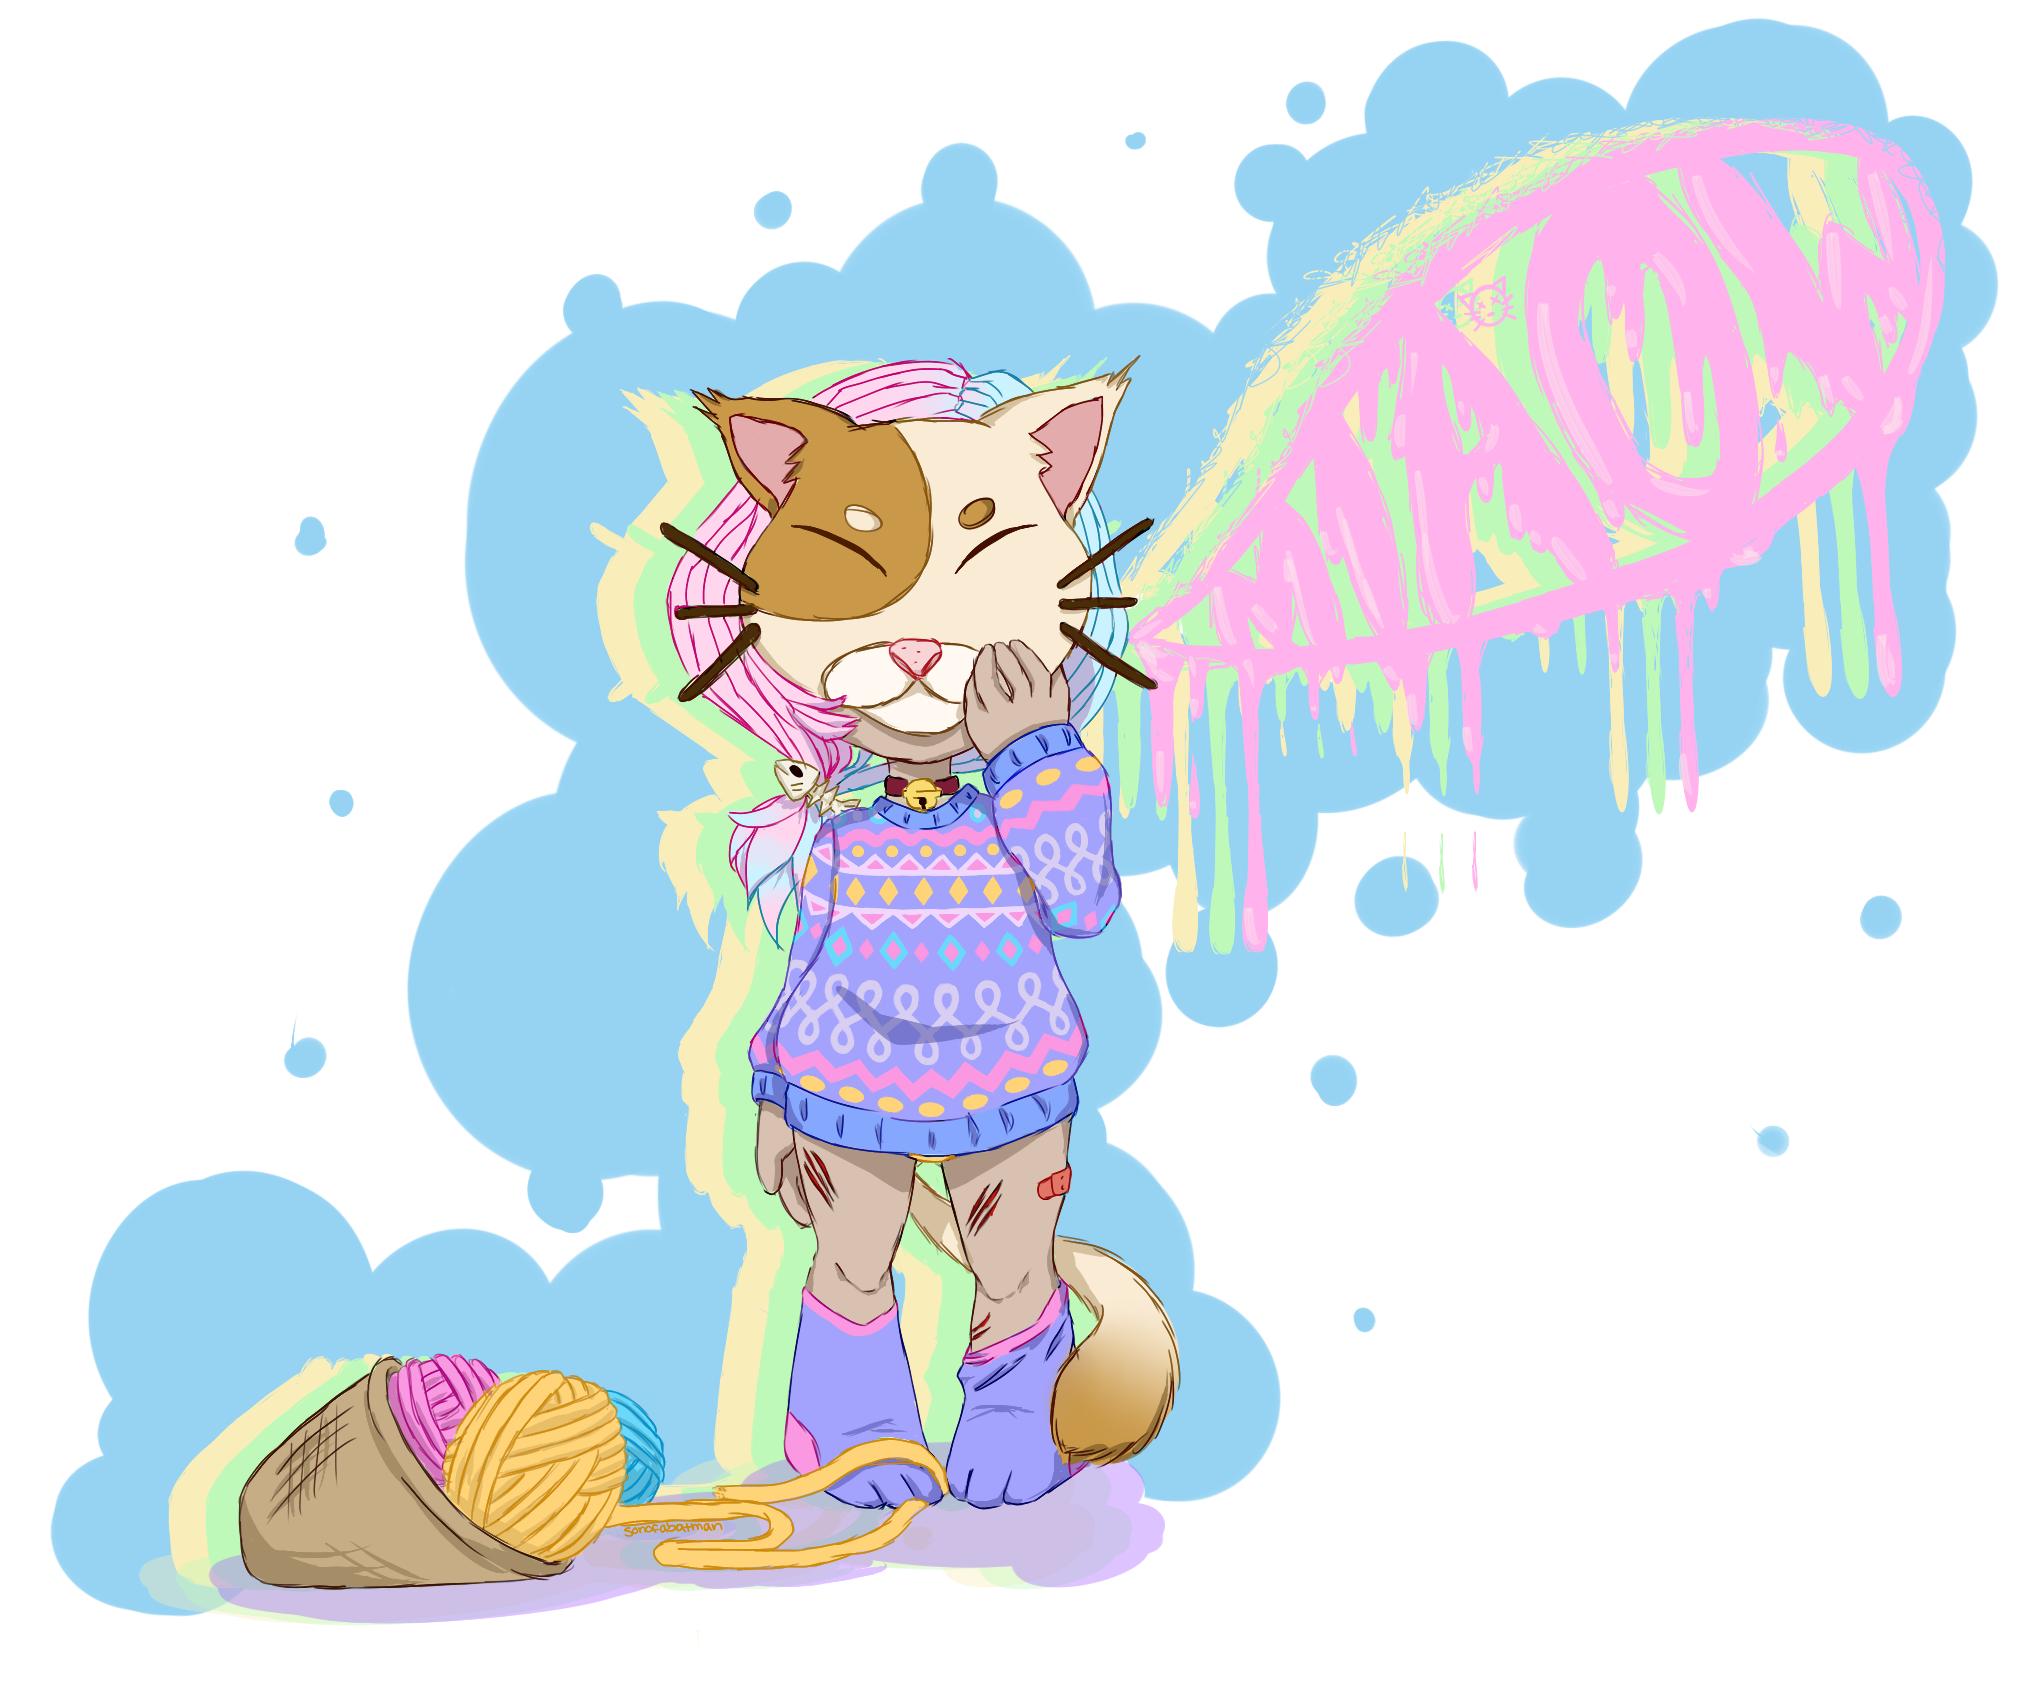 meowwow.png by psycho-gummybearz